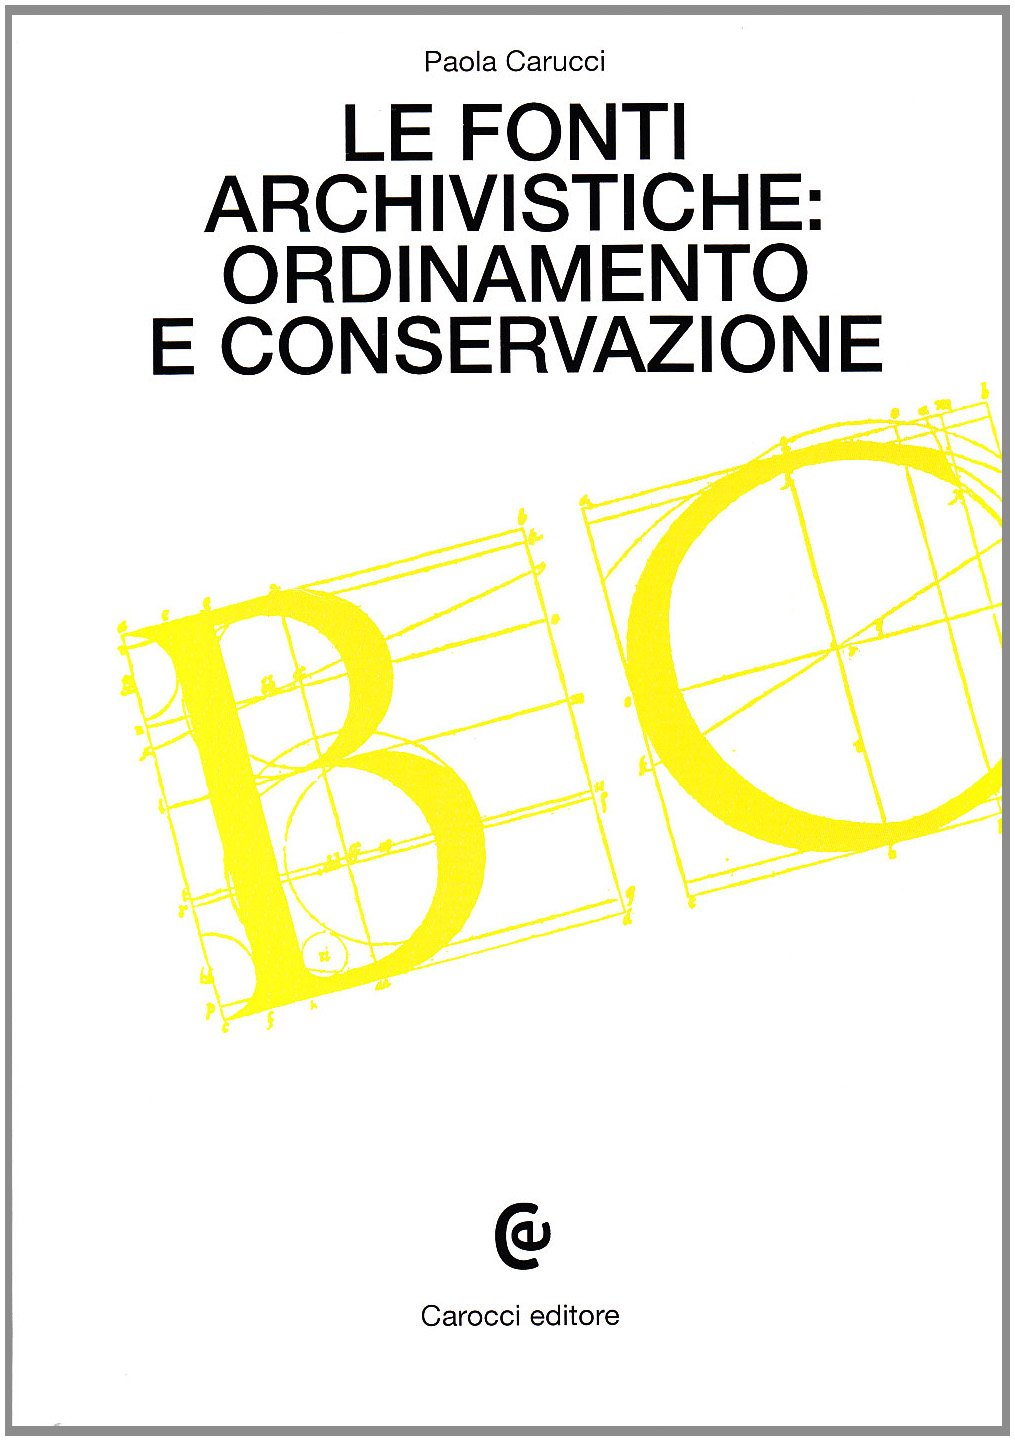 Le fonti archivistiche: ordinamento e conservazione Copertina flessibile – 21 dic 1999 Paola Carucci Carocci 8843000640 Testi scientifici